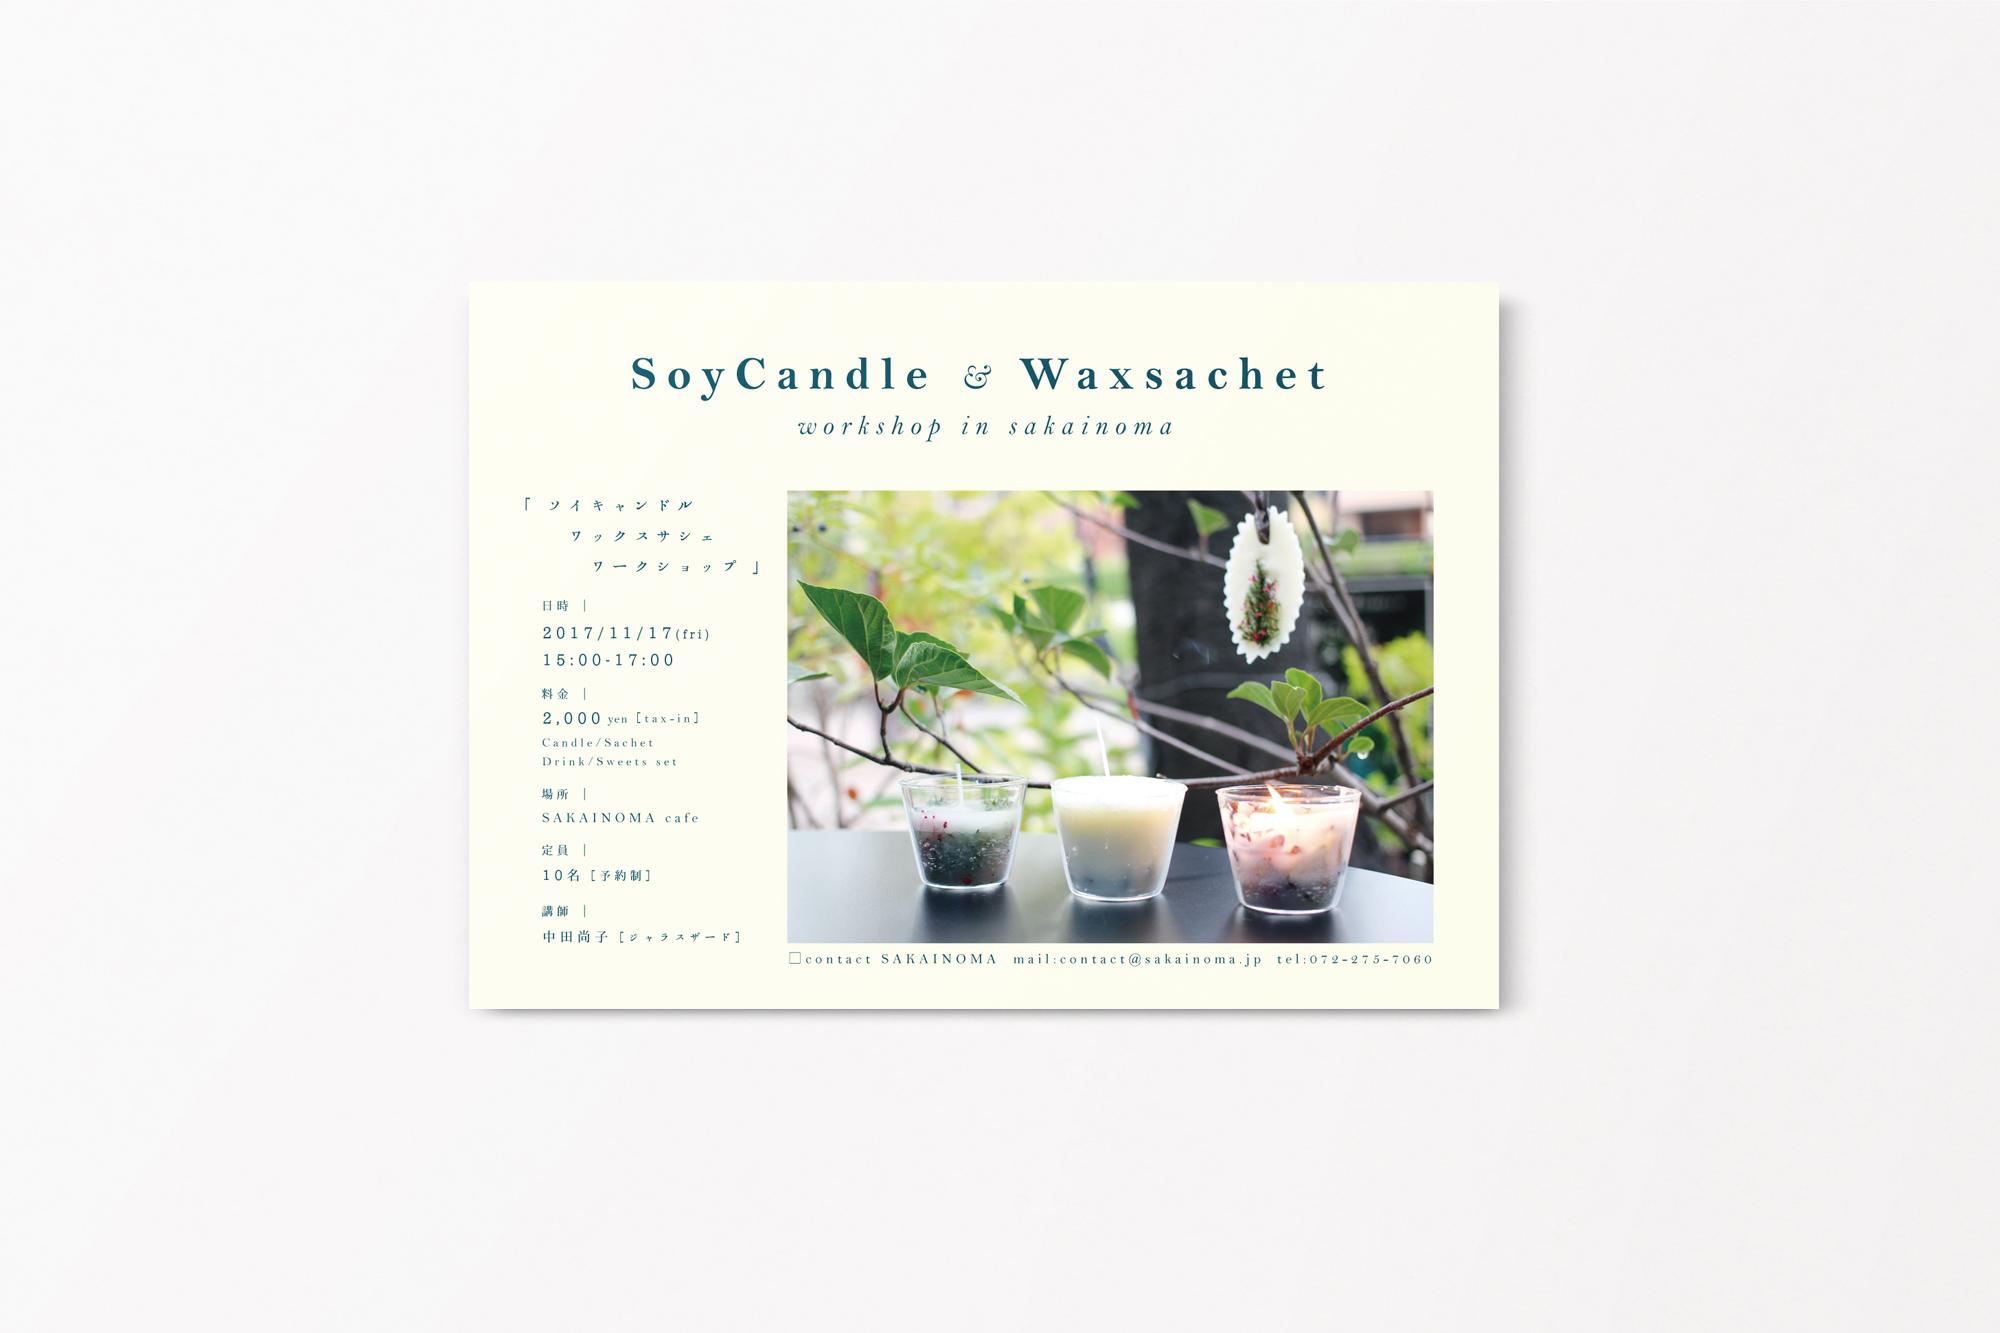 SoyCandle & Waxsachet Workshop in SAKAINOMA